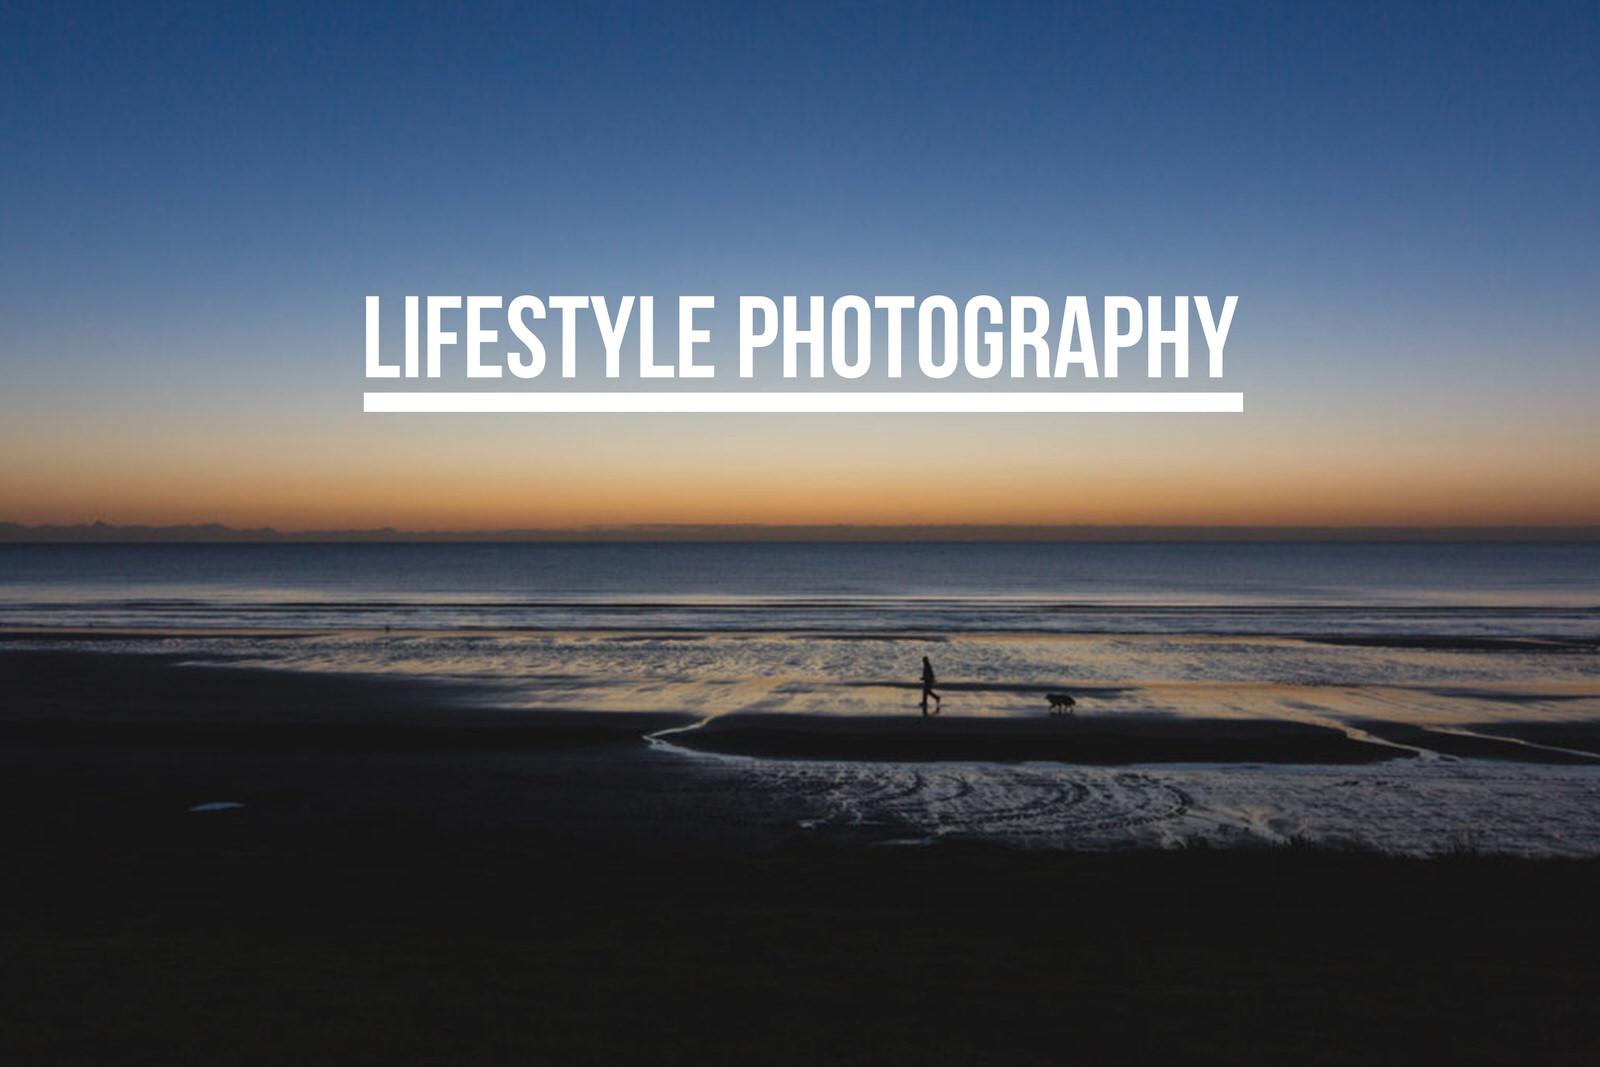 lifestylephotography